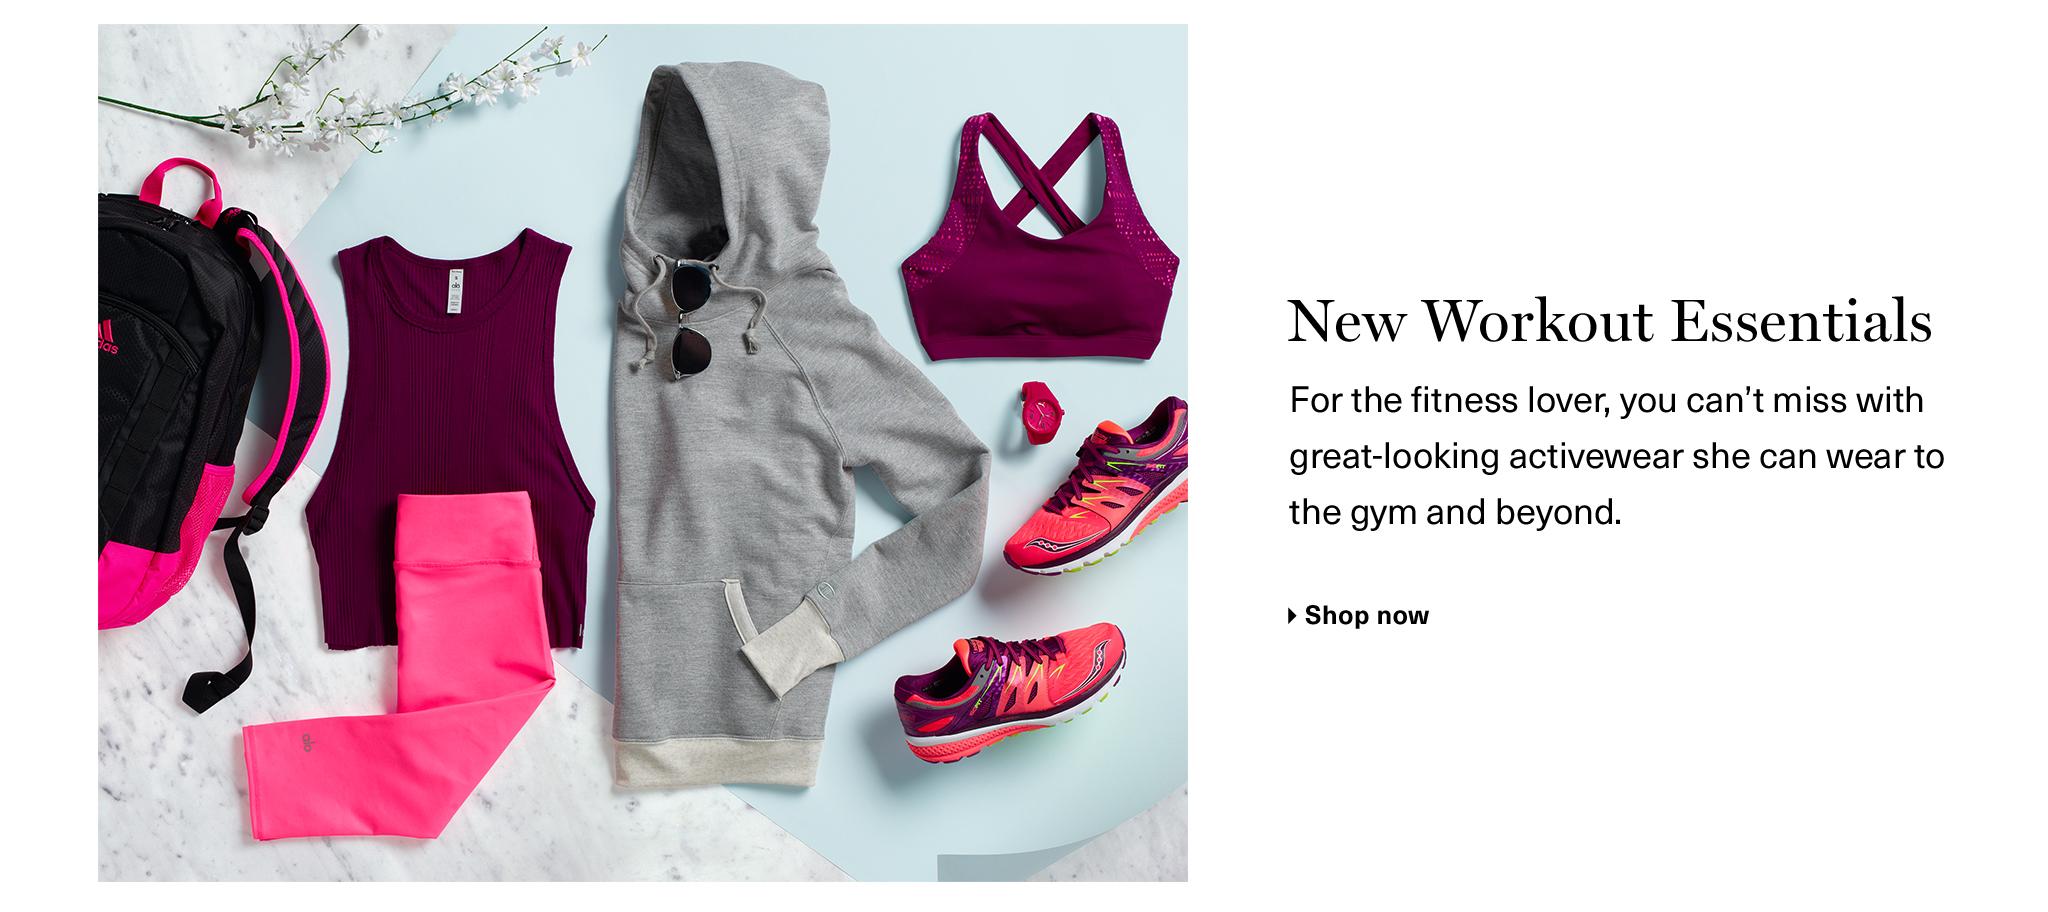 New Workout Essentials